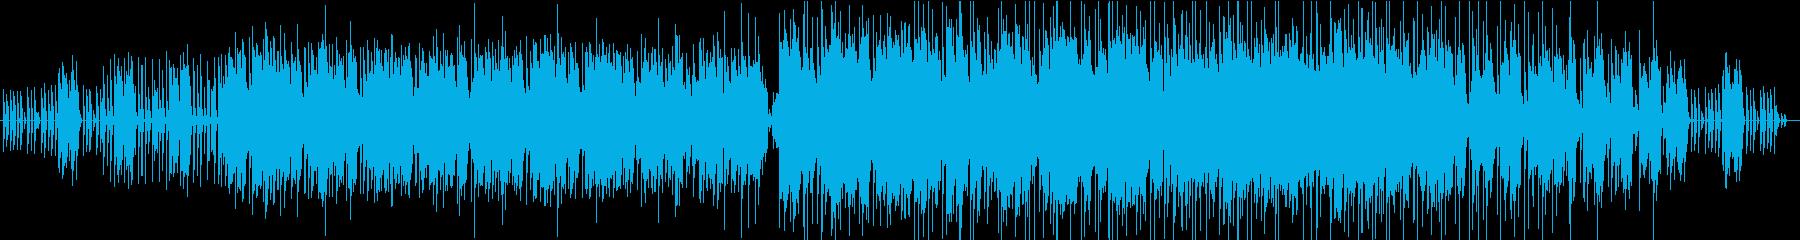 ホラー系ミステリアス、エンディング曲の再生済みの波形